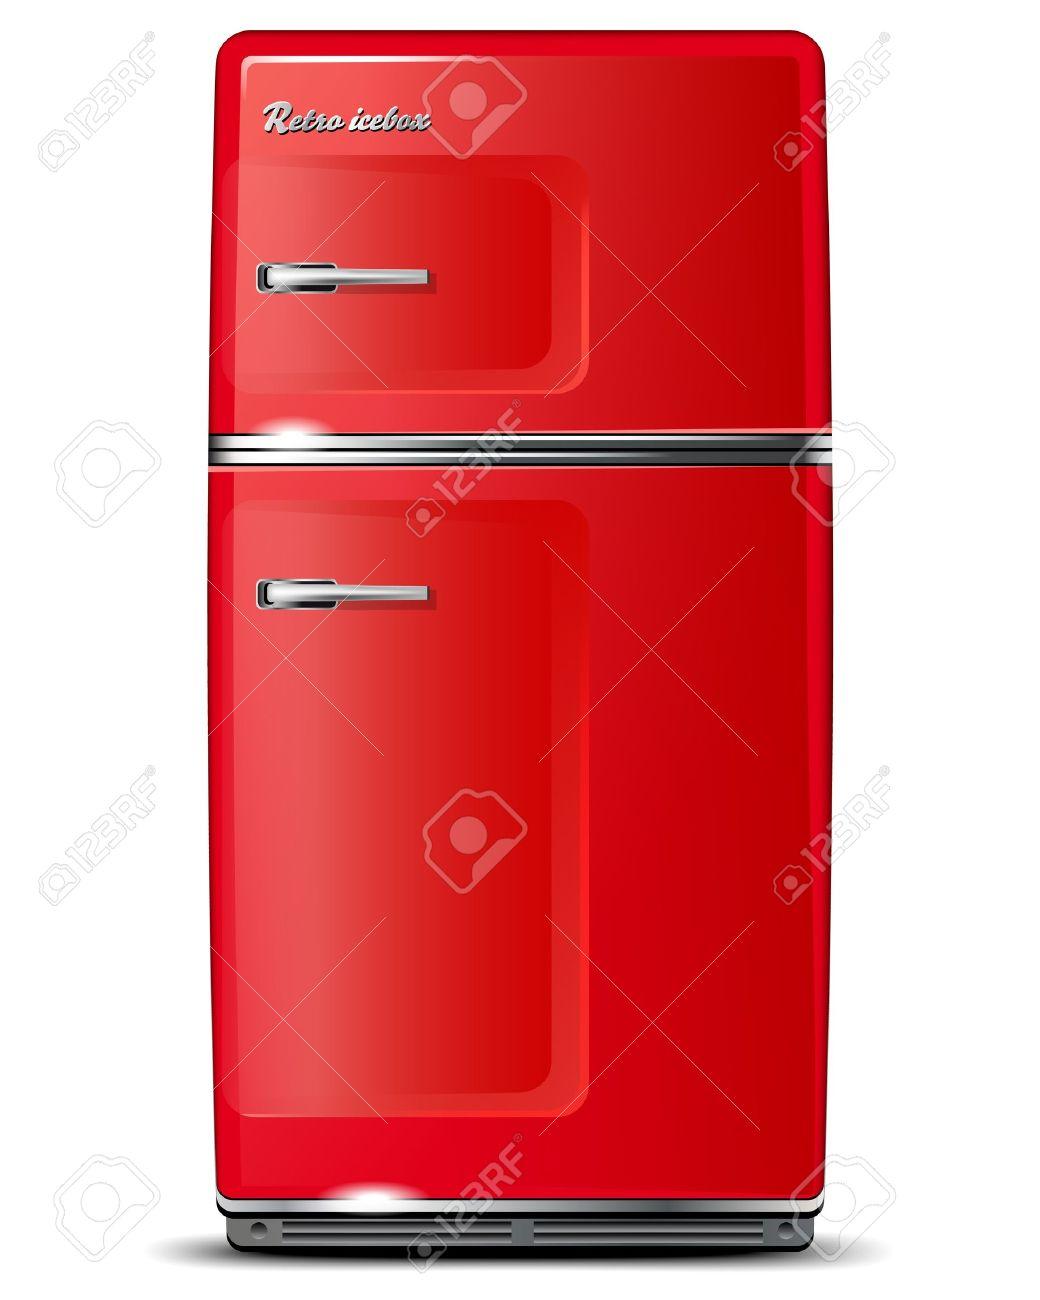 Red Retro Kühlschrank - Isoliert Auf Weiß - Vektor-Datei Lizenzfrei ...